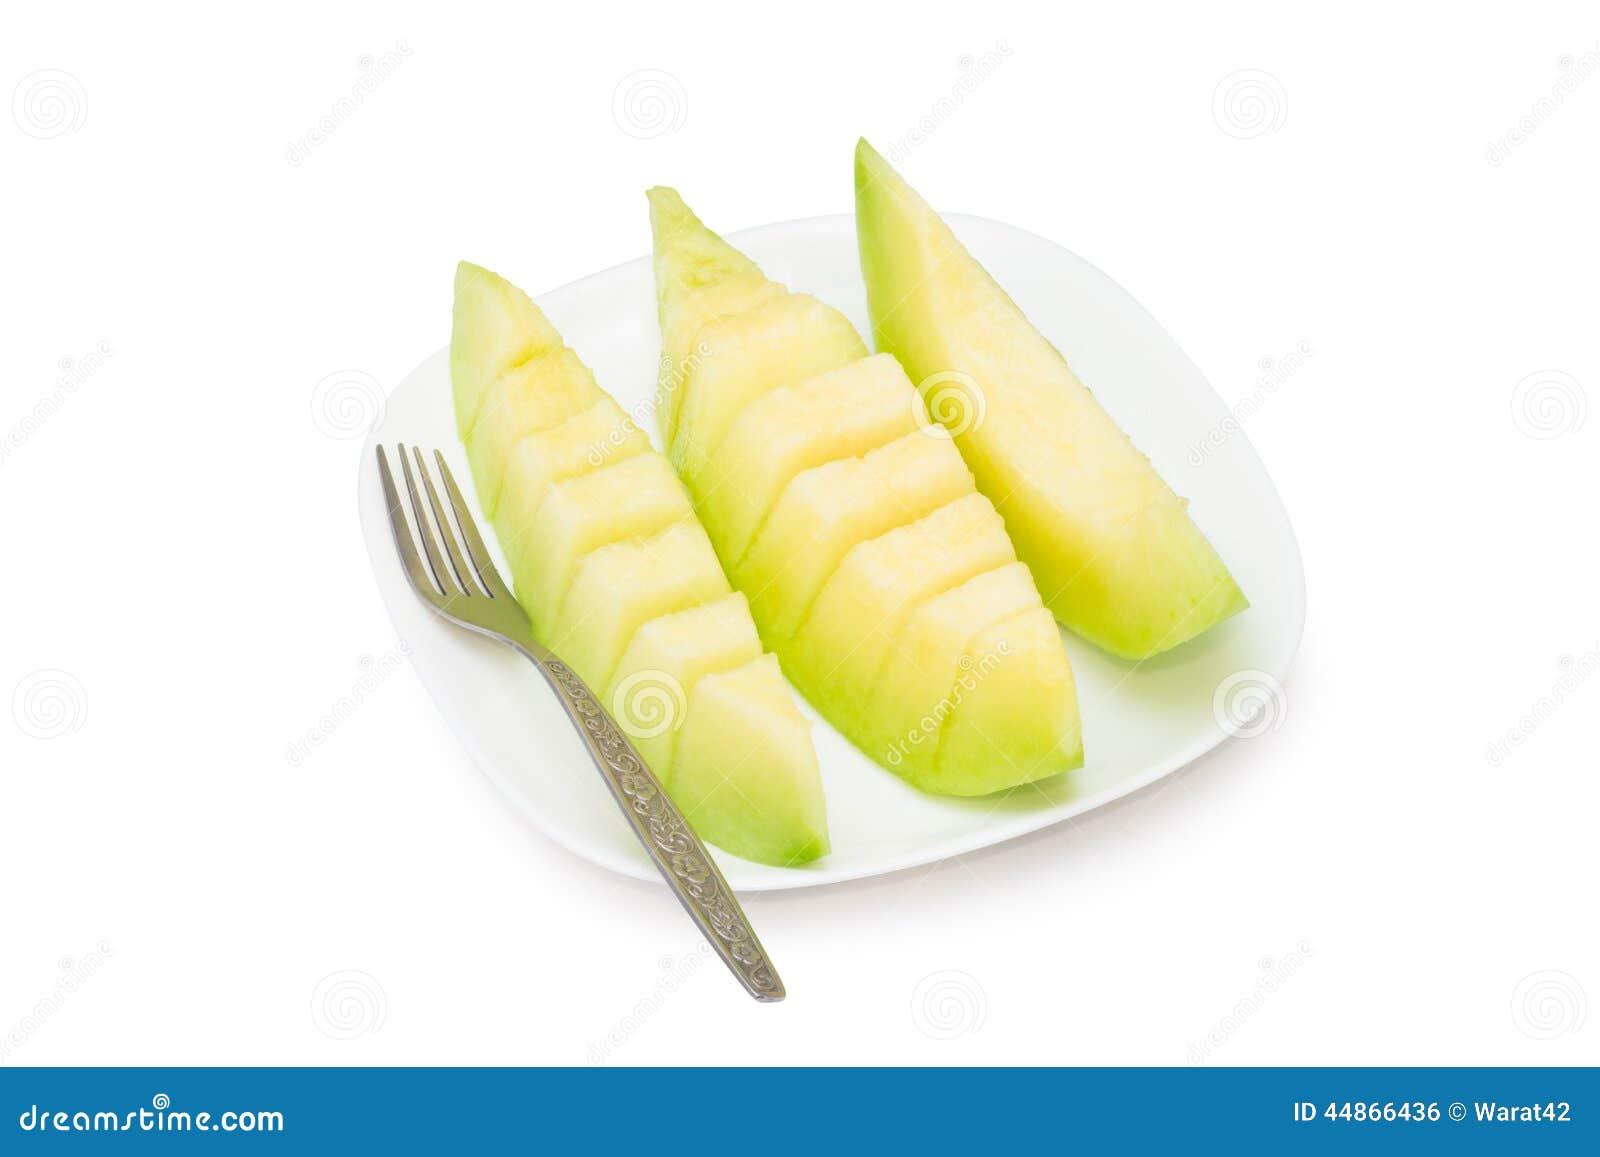 Kantalup melonowa owoc w naczyniu Odizolowywającym na białym tle